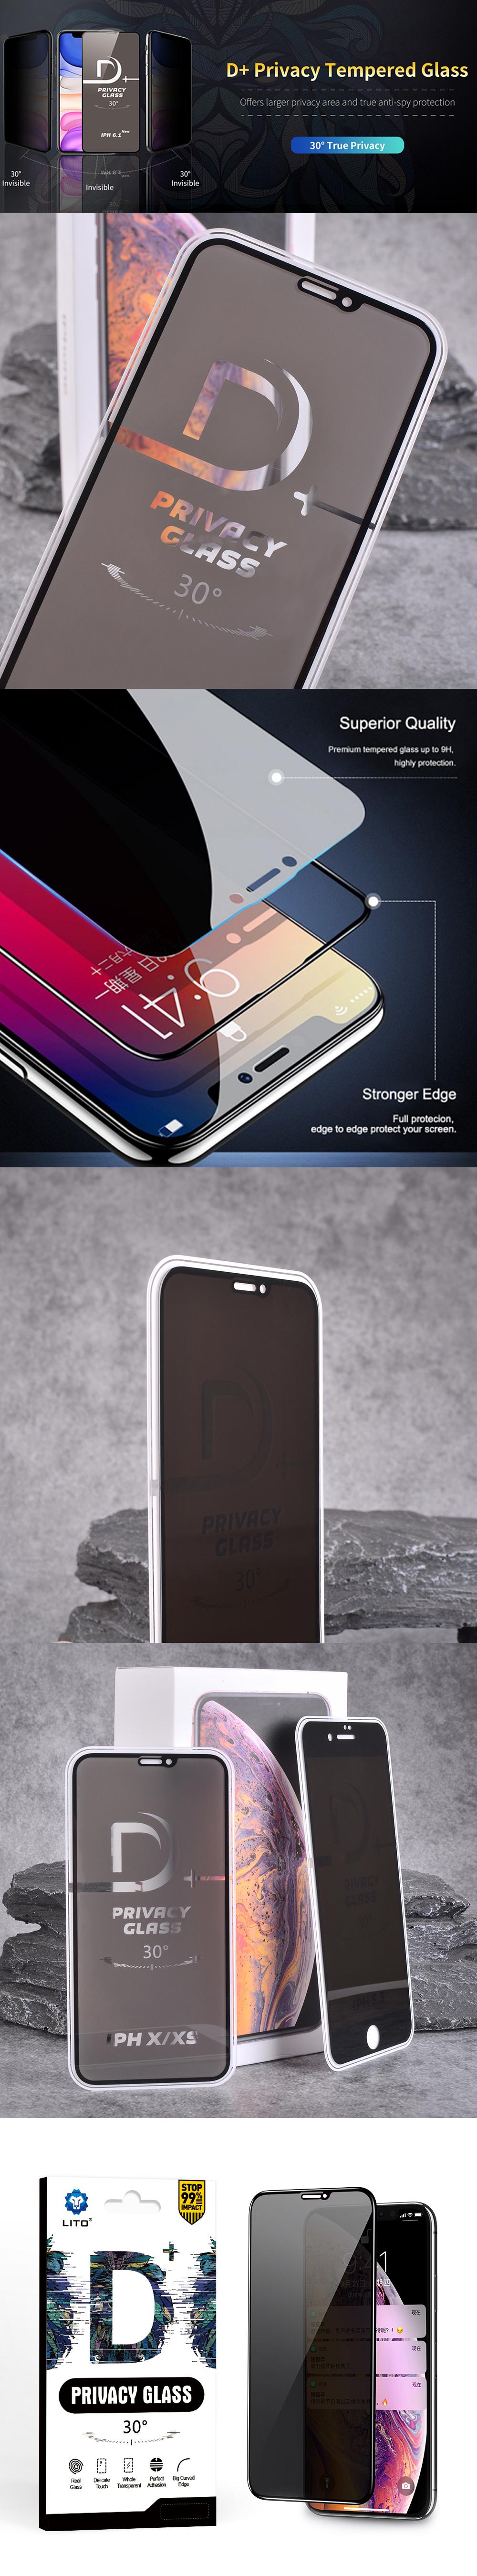 محافظ صفحه نمایش پرایوسی لیتو مناسب برای گوشی موبایل آیفون 12 و آیفون 12 پرو